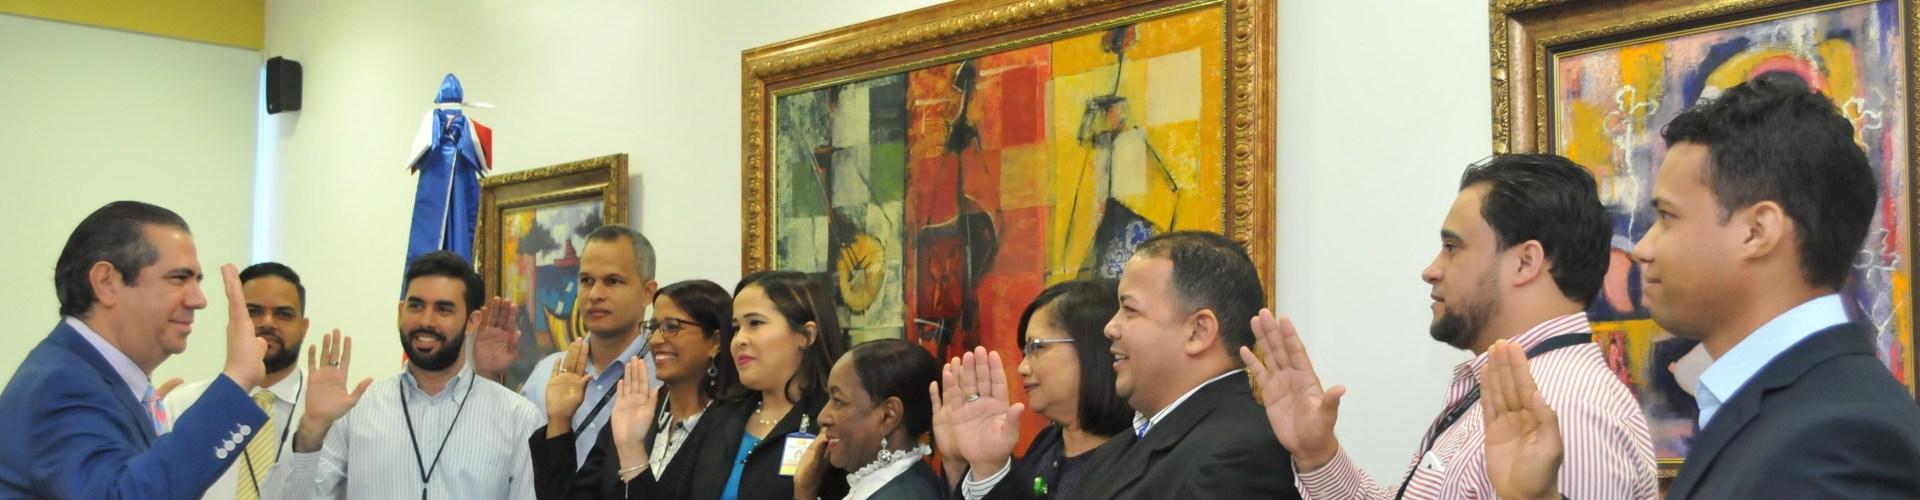 Turismo juramenta Comisión Ética Pública